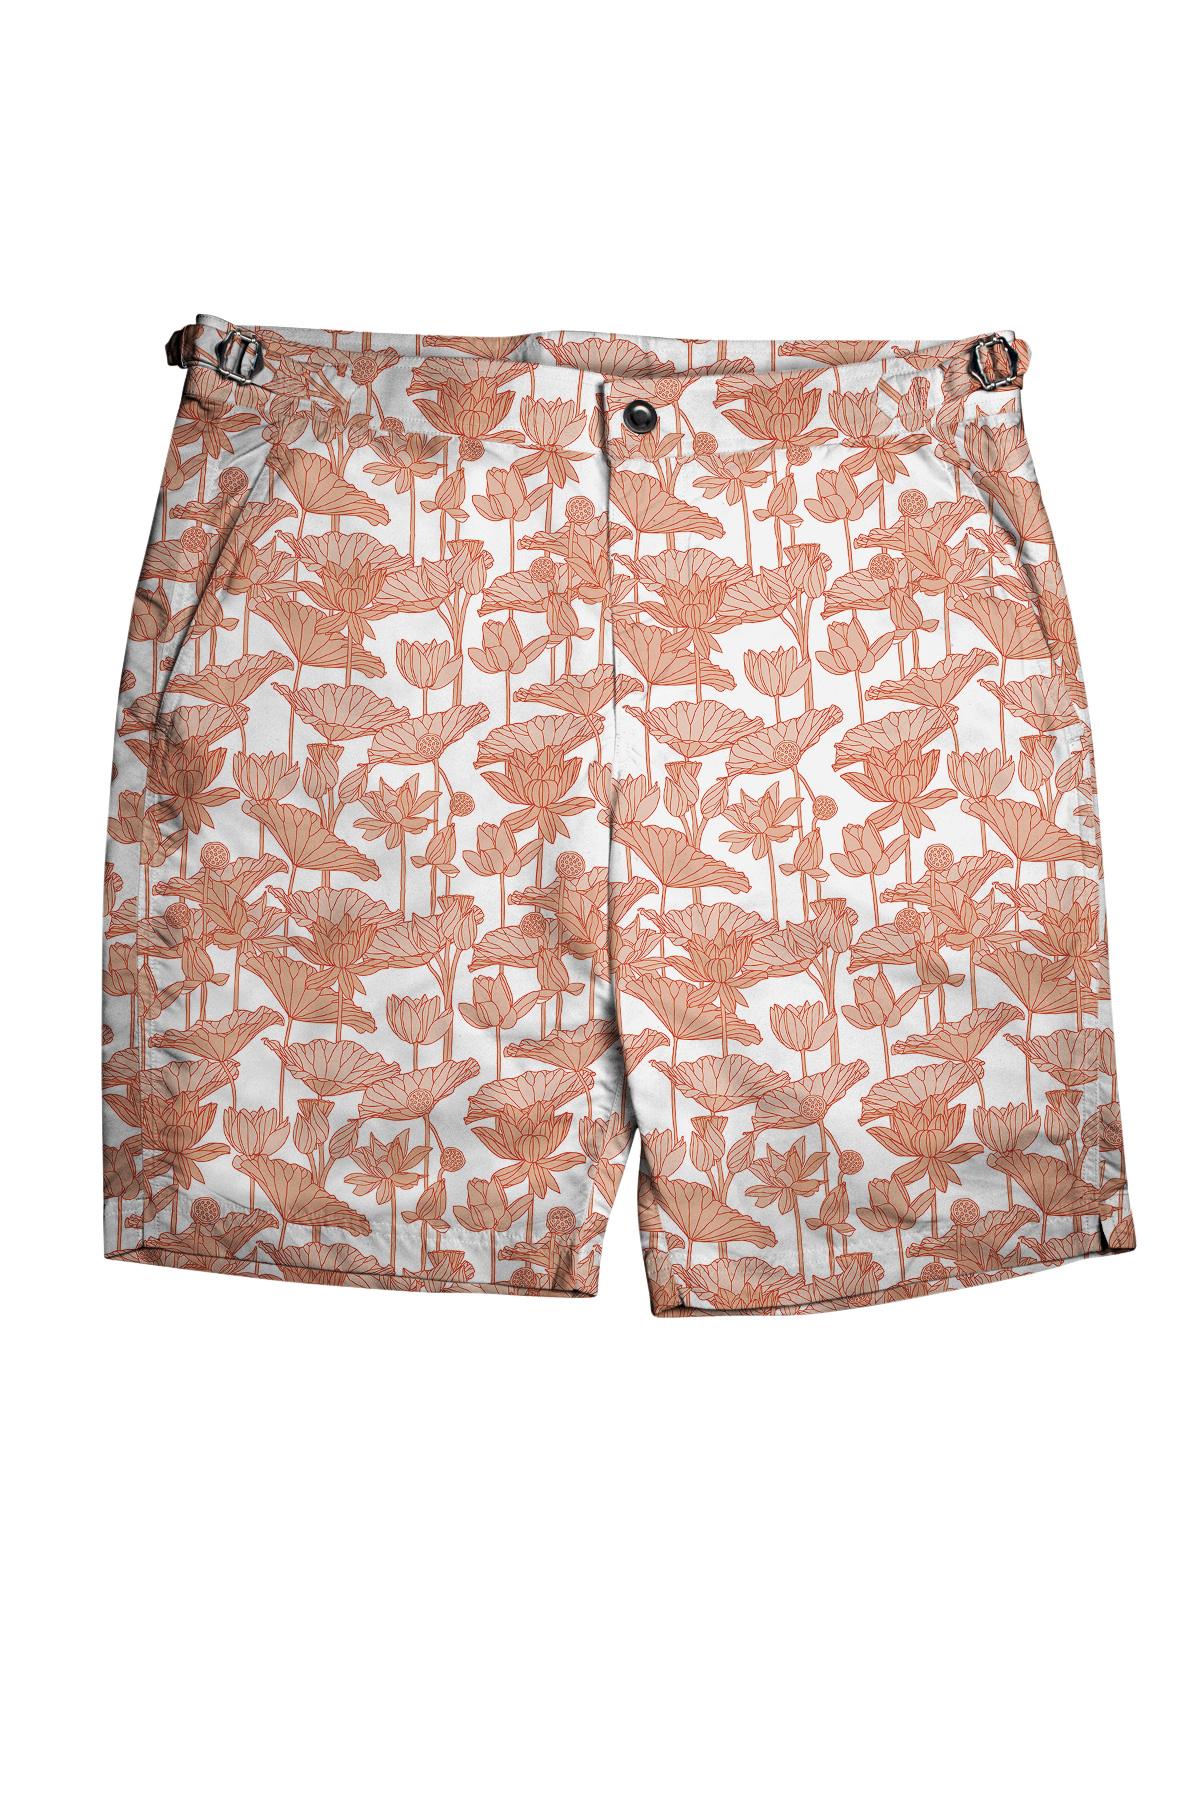 White with Orange Flowers Swim Shorts